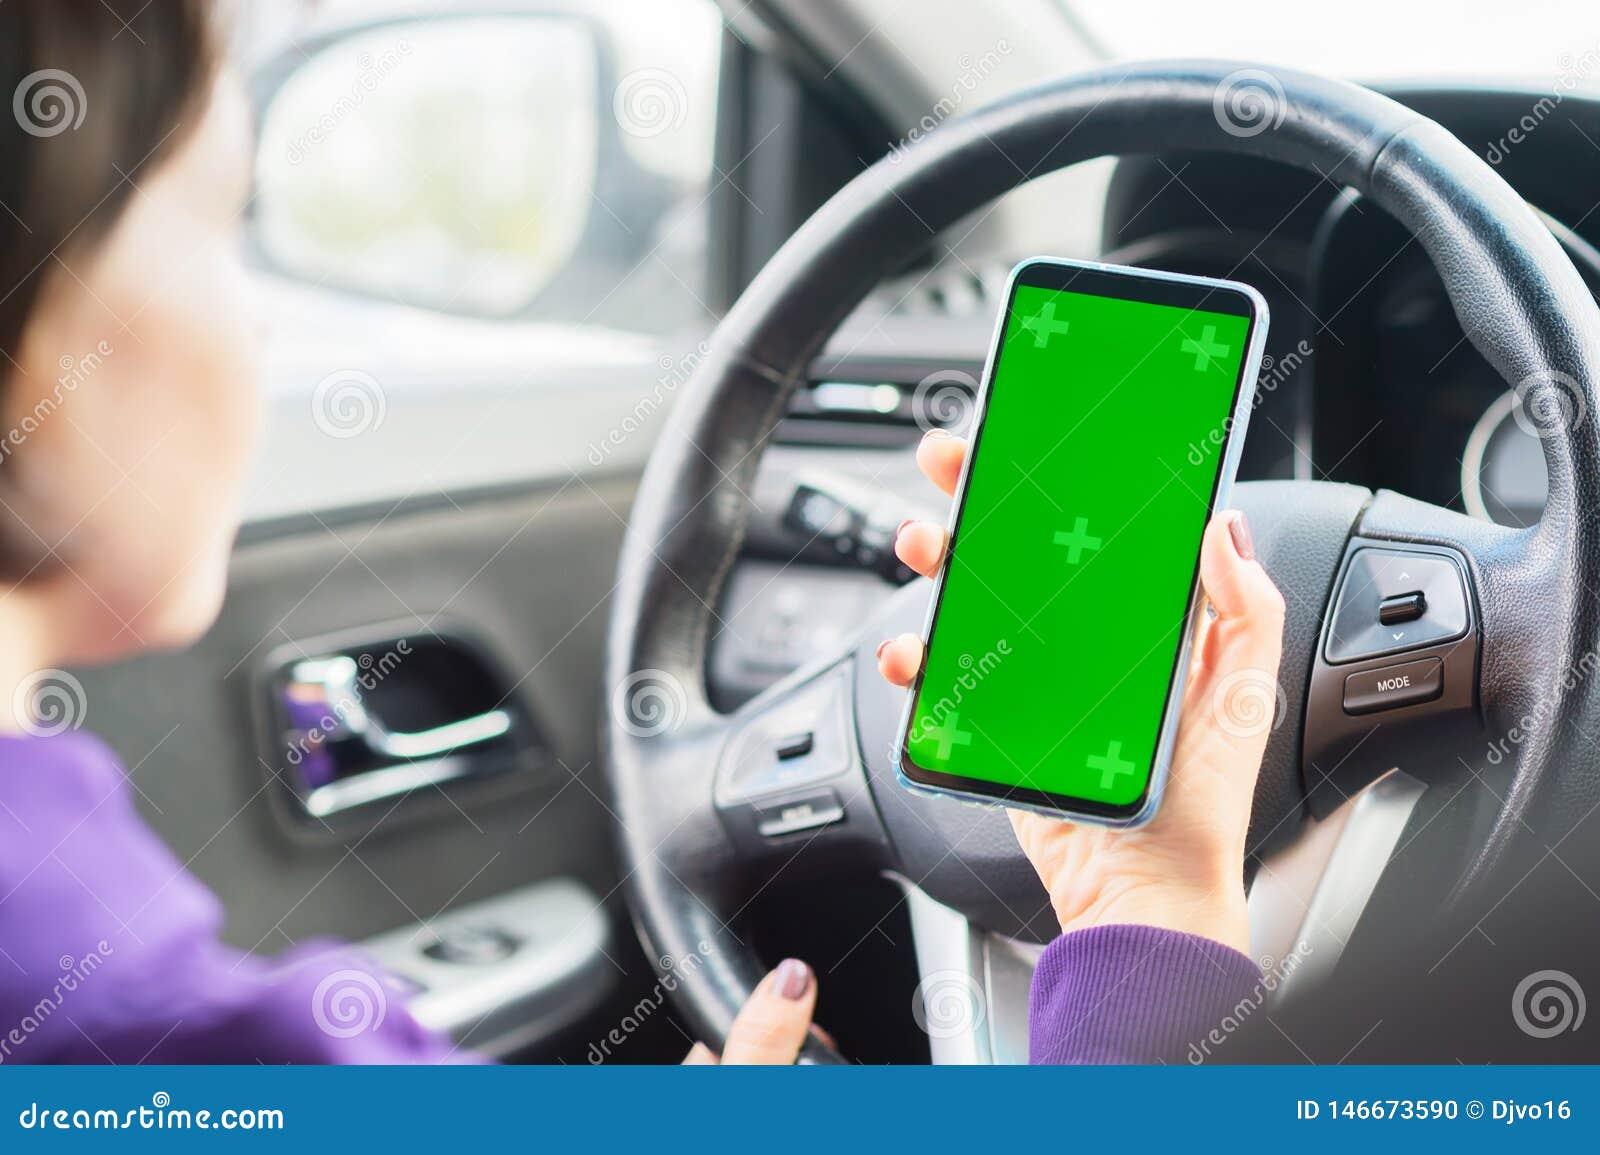 Молодой женский водитель используя смартфон экрана касания в автомобиле зеленый ключ chroma на дисплее телефона